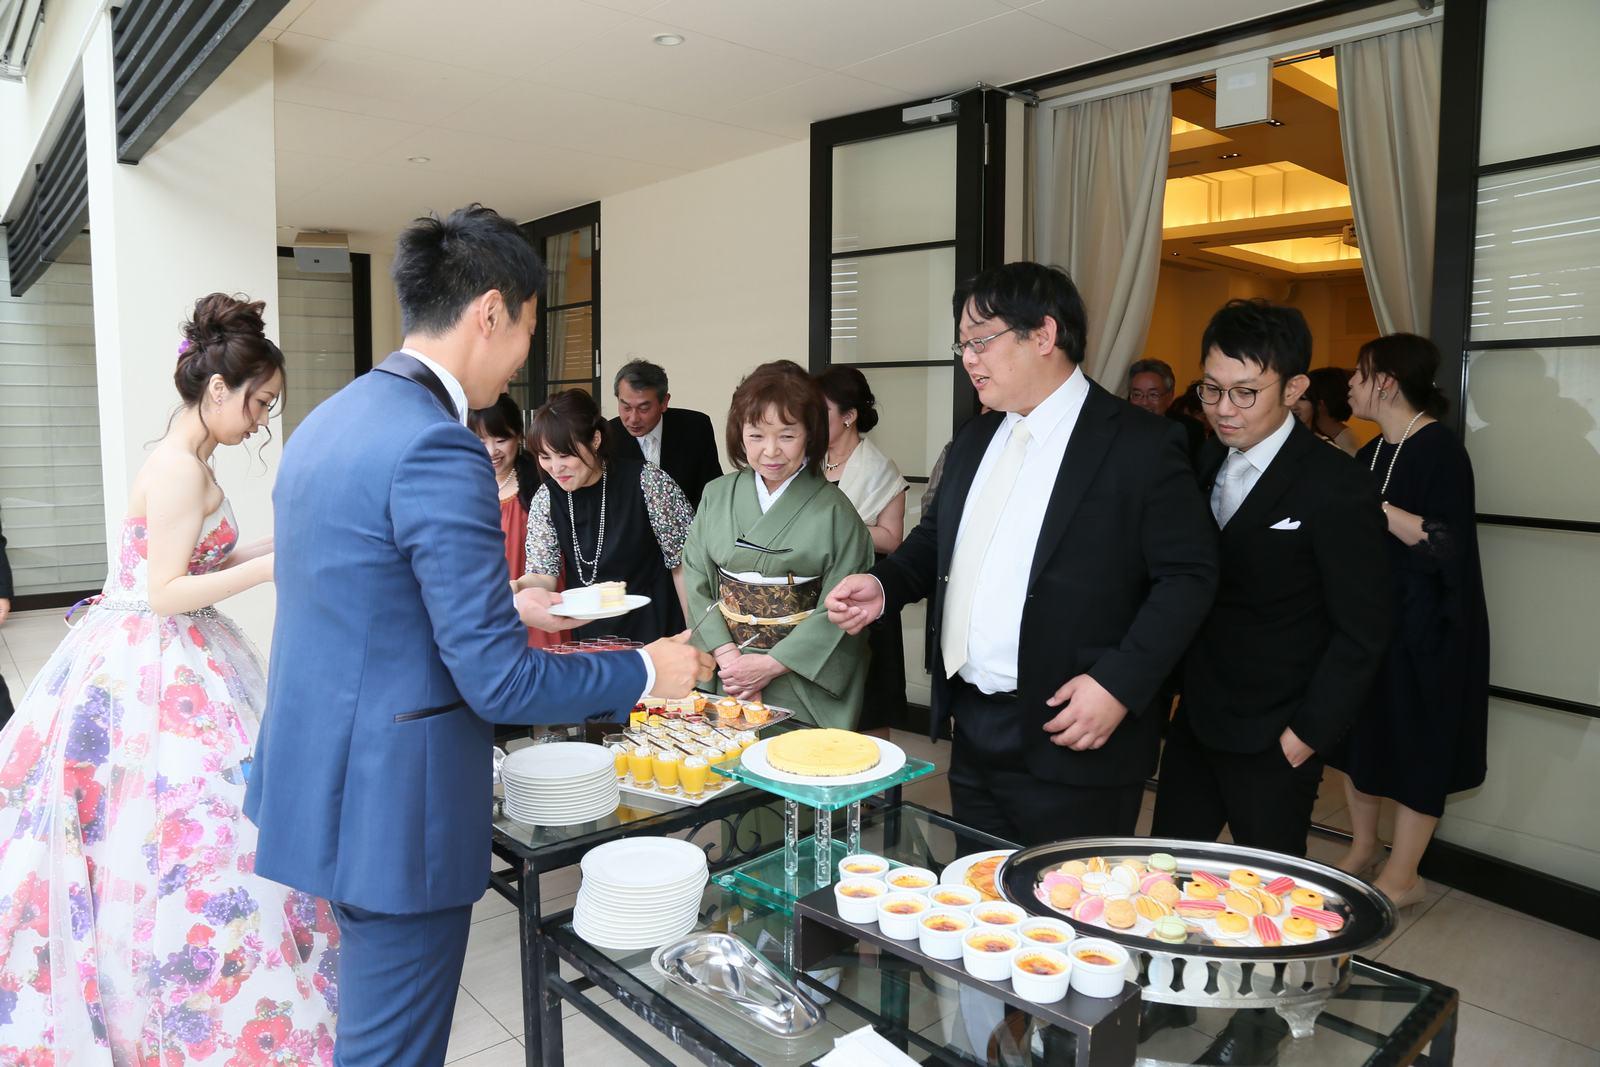 高松市の結婚式場アイルバレクラブのデザートブッフェ ご来賓の方やご友人様と一緒にお楽しみいただいてます。